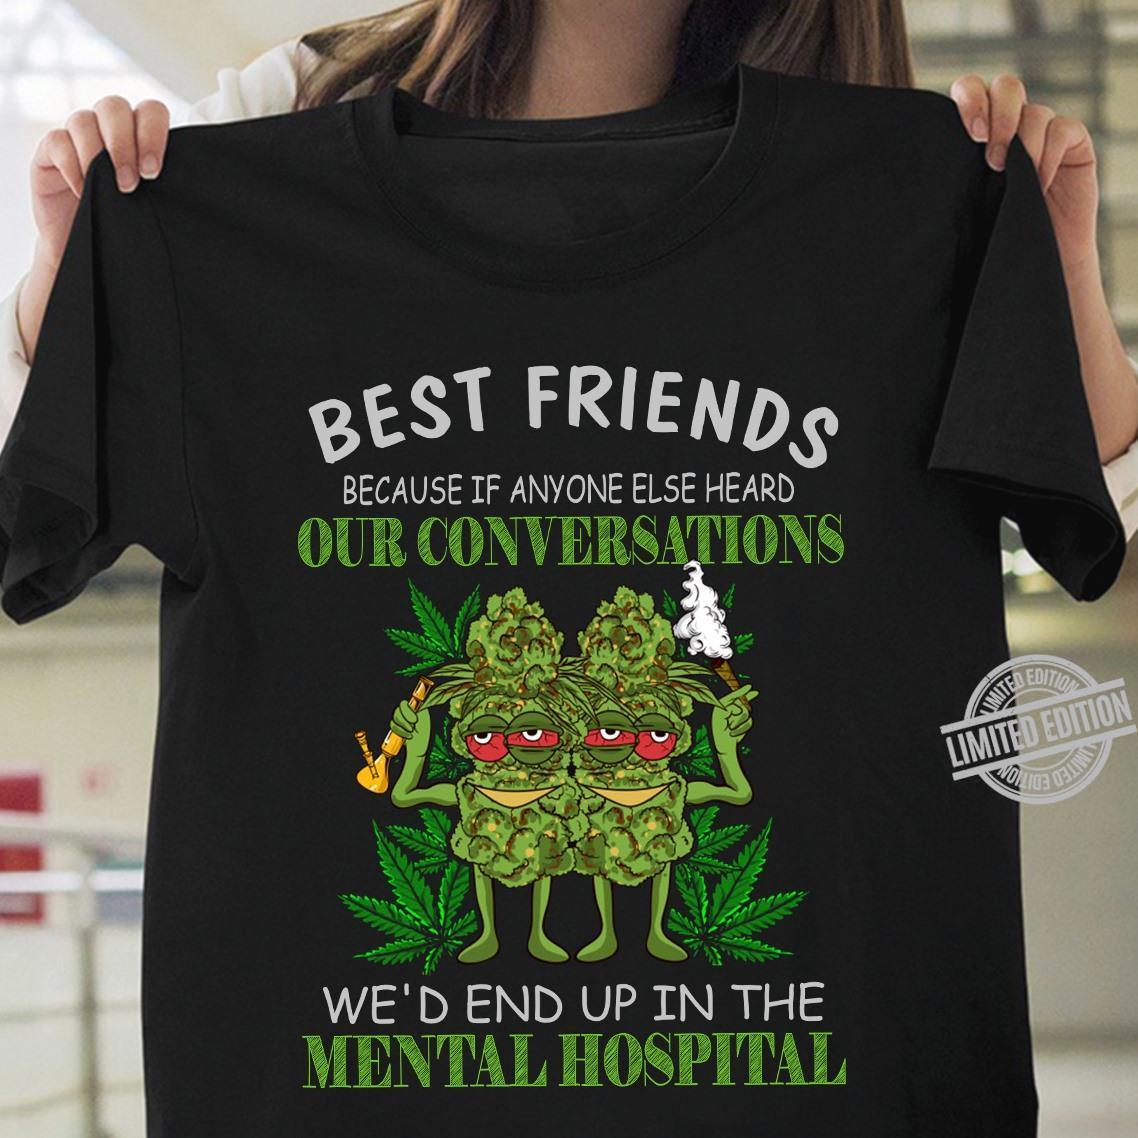 Best Friends Because If Anyone Else Heard Shirt